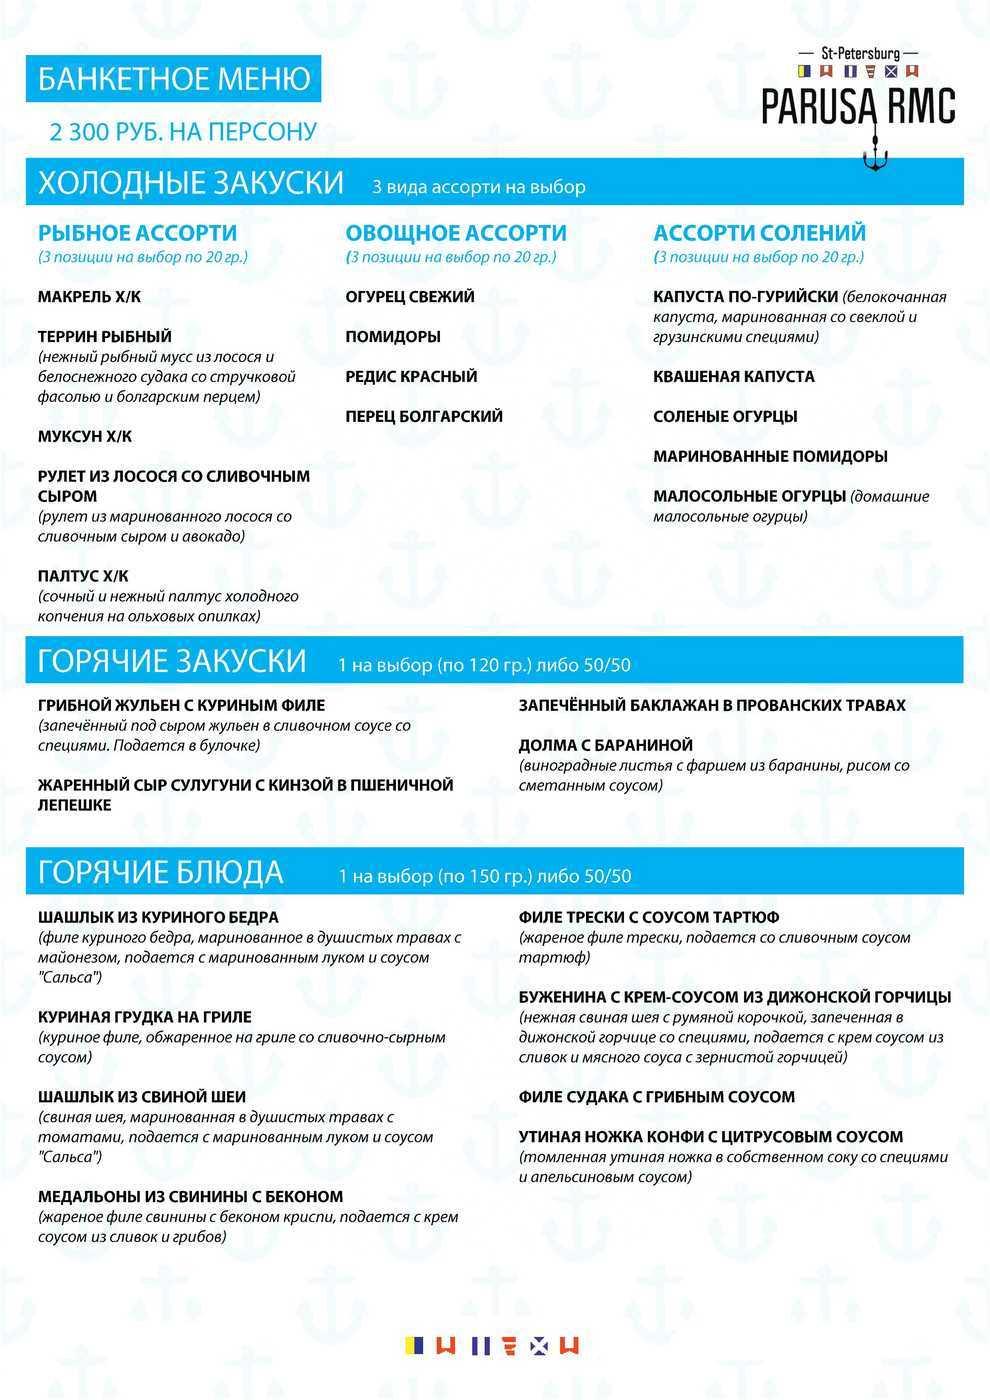 Банкетное меню ресторана Паруса на Петровской косе фото 8